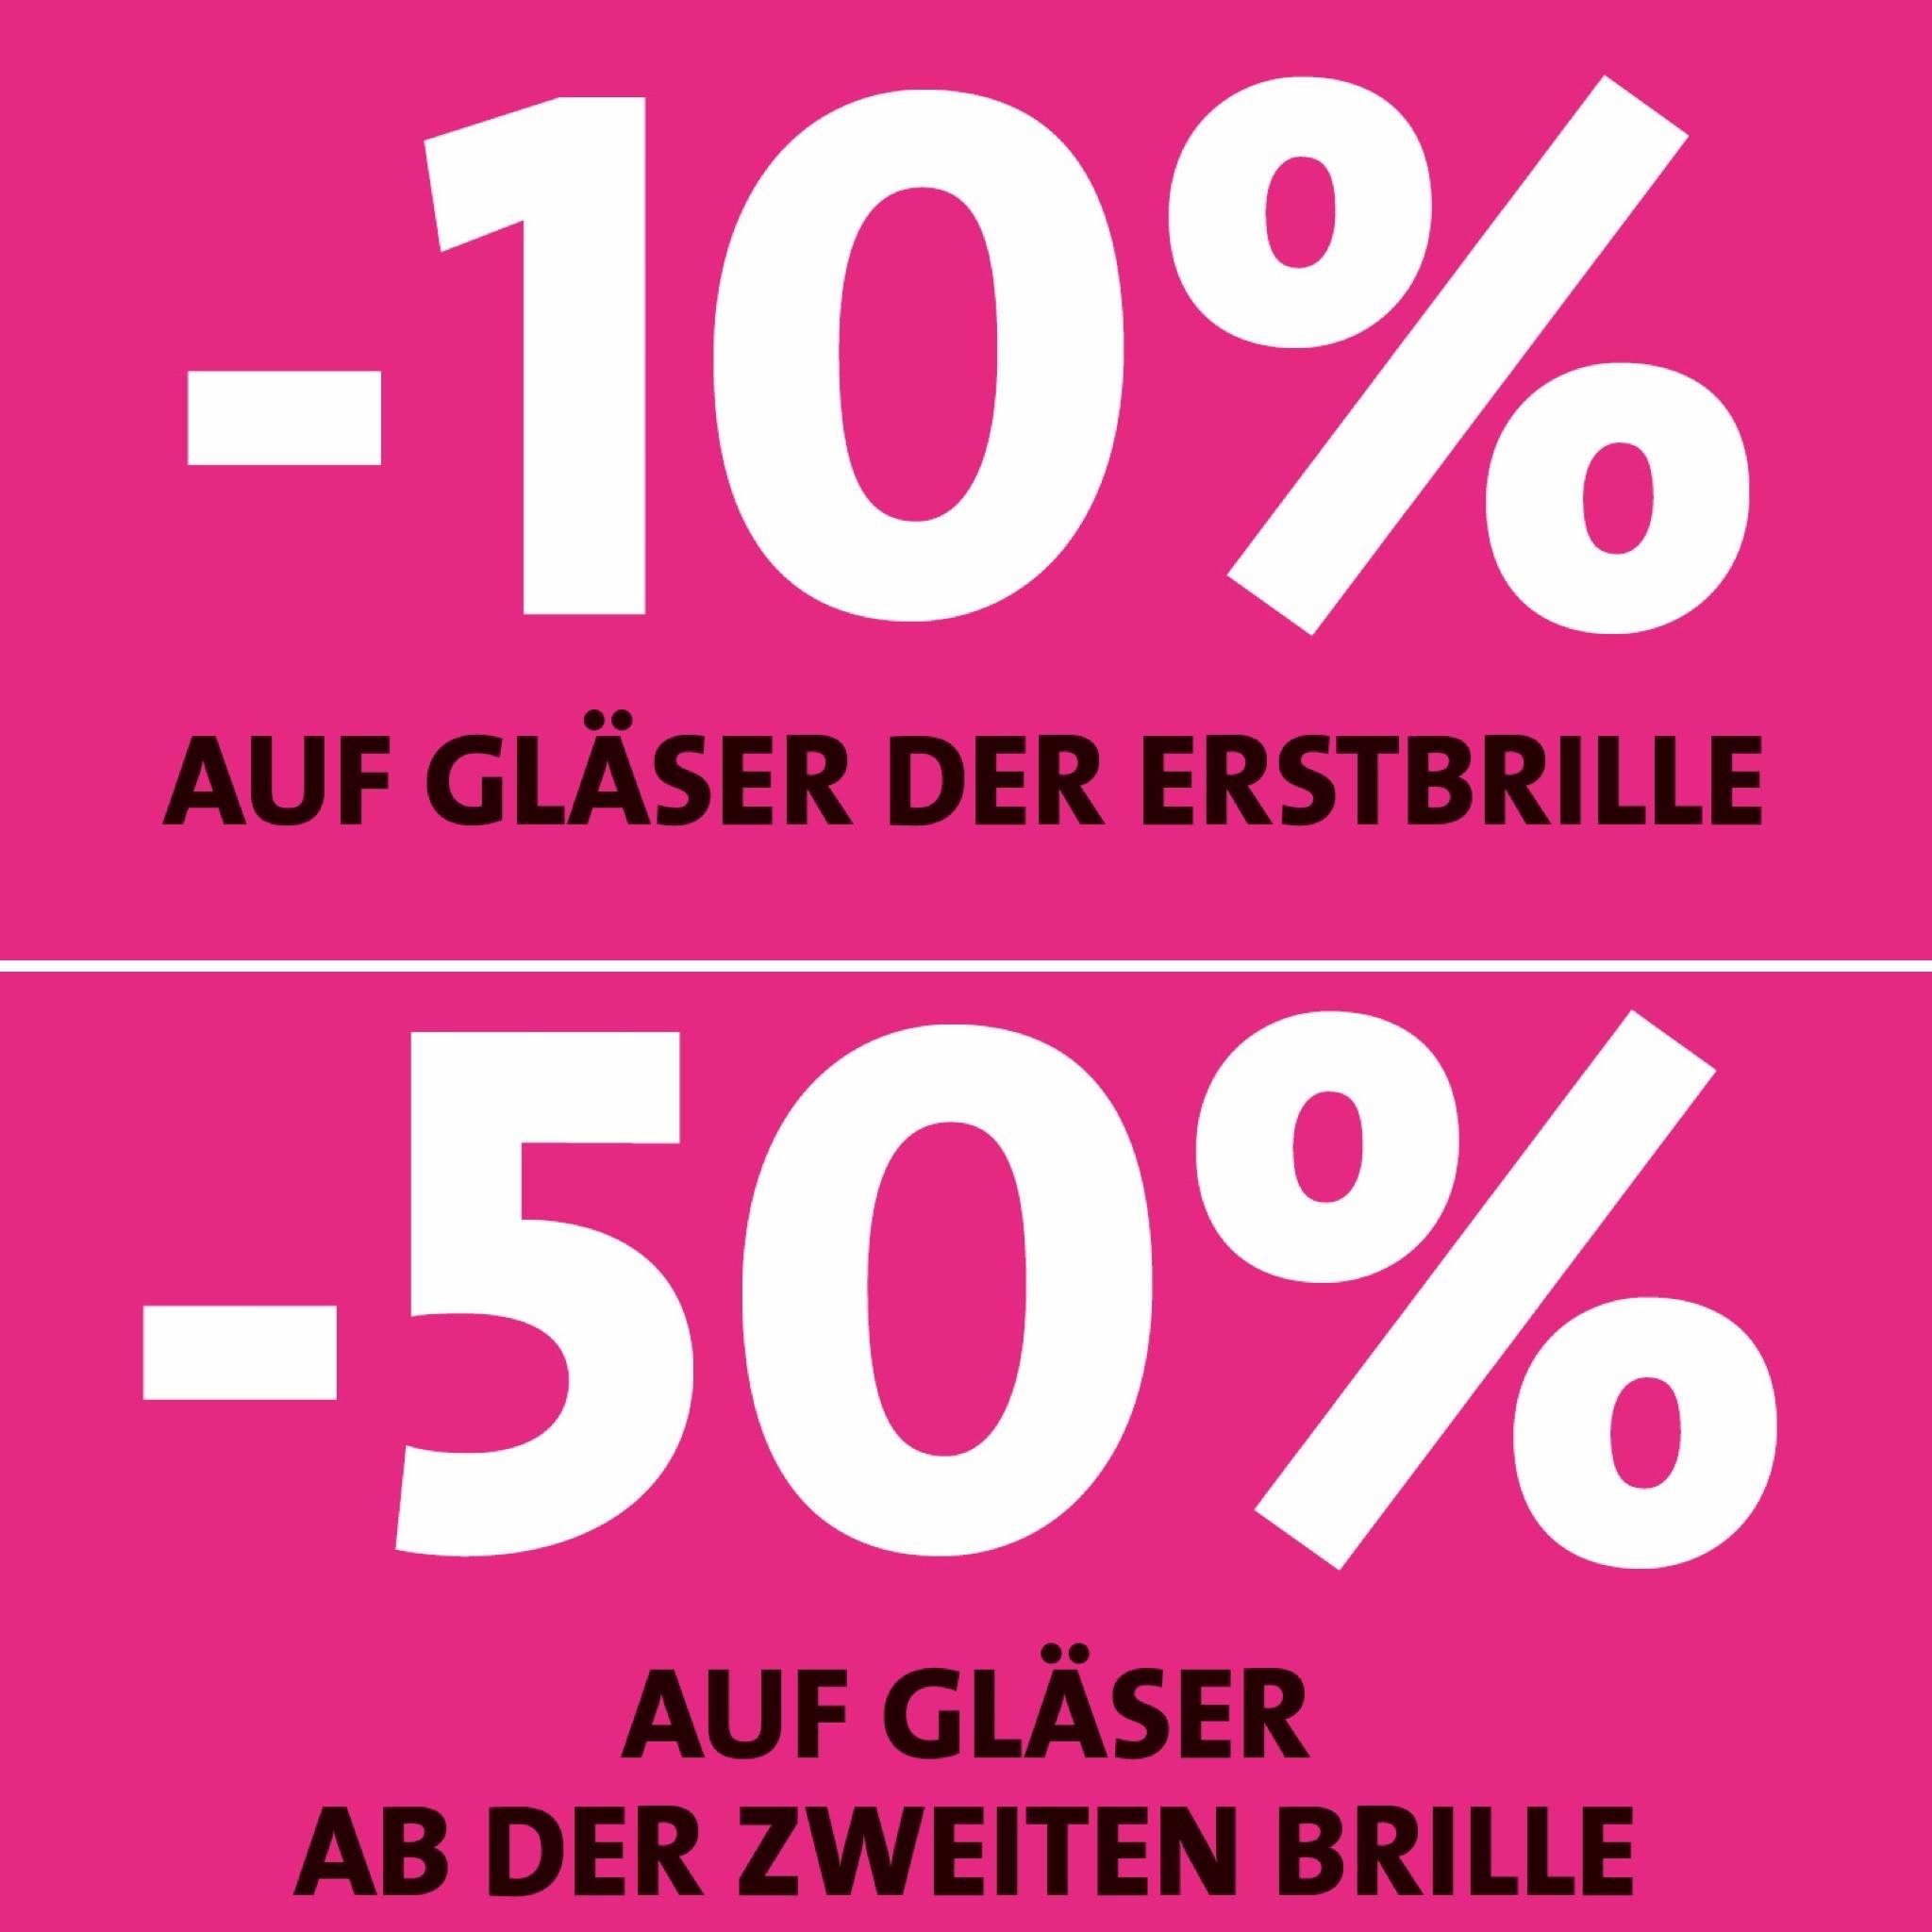 5_Optiker Augensache Brille Kontaktlinse Friedberg_Geburtstag